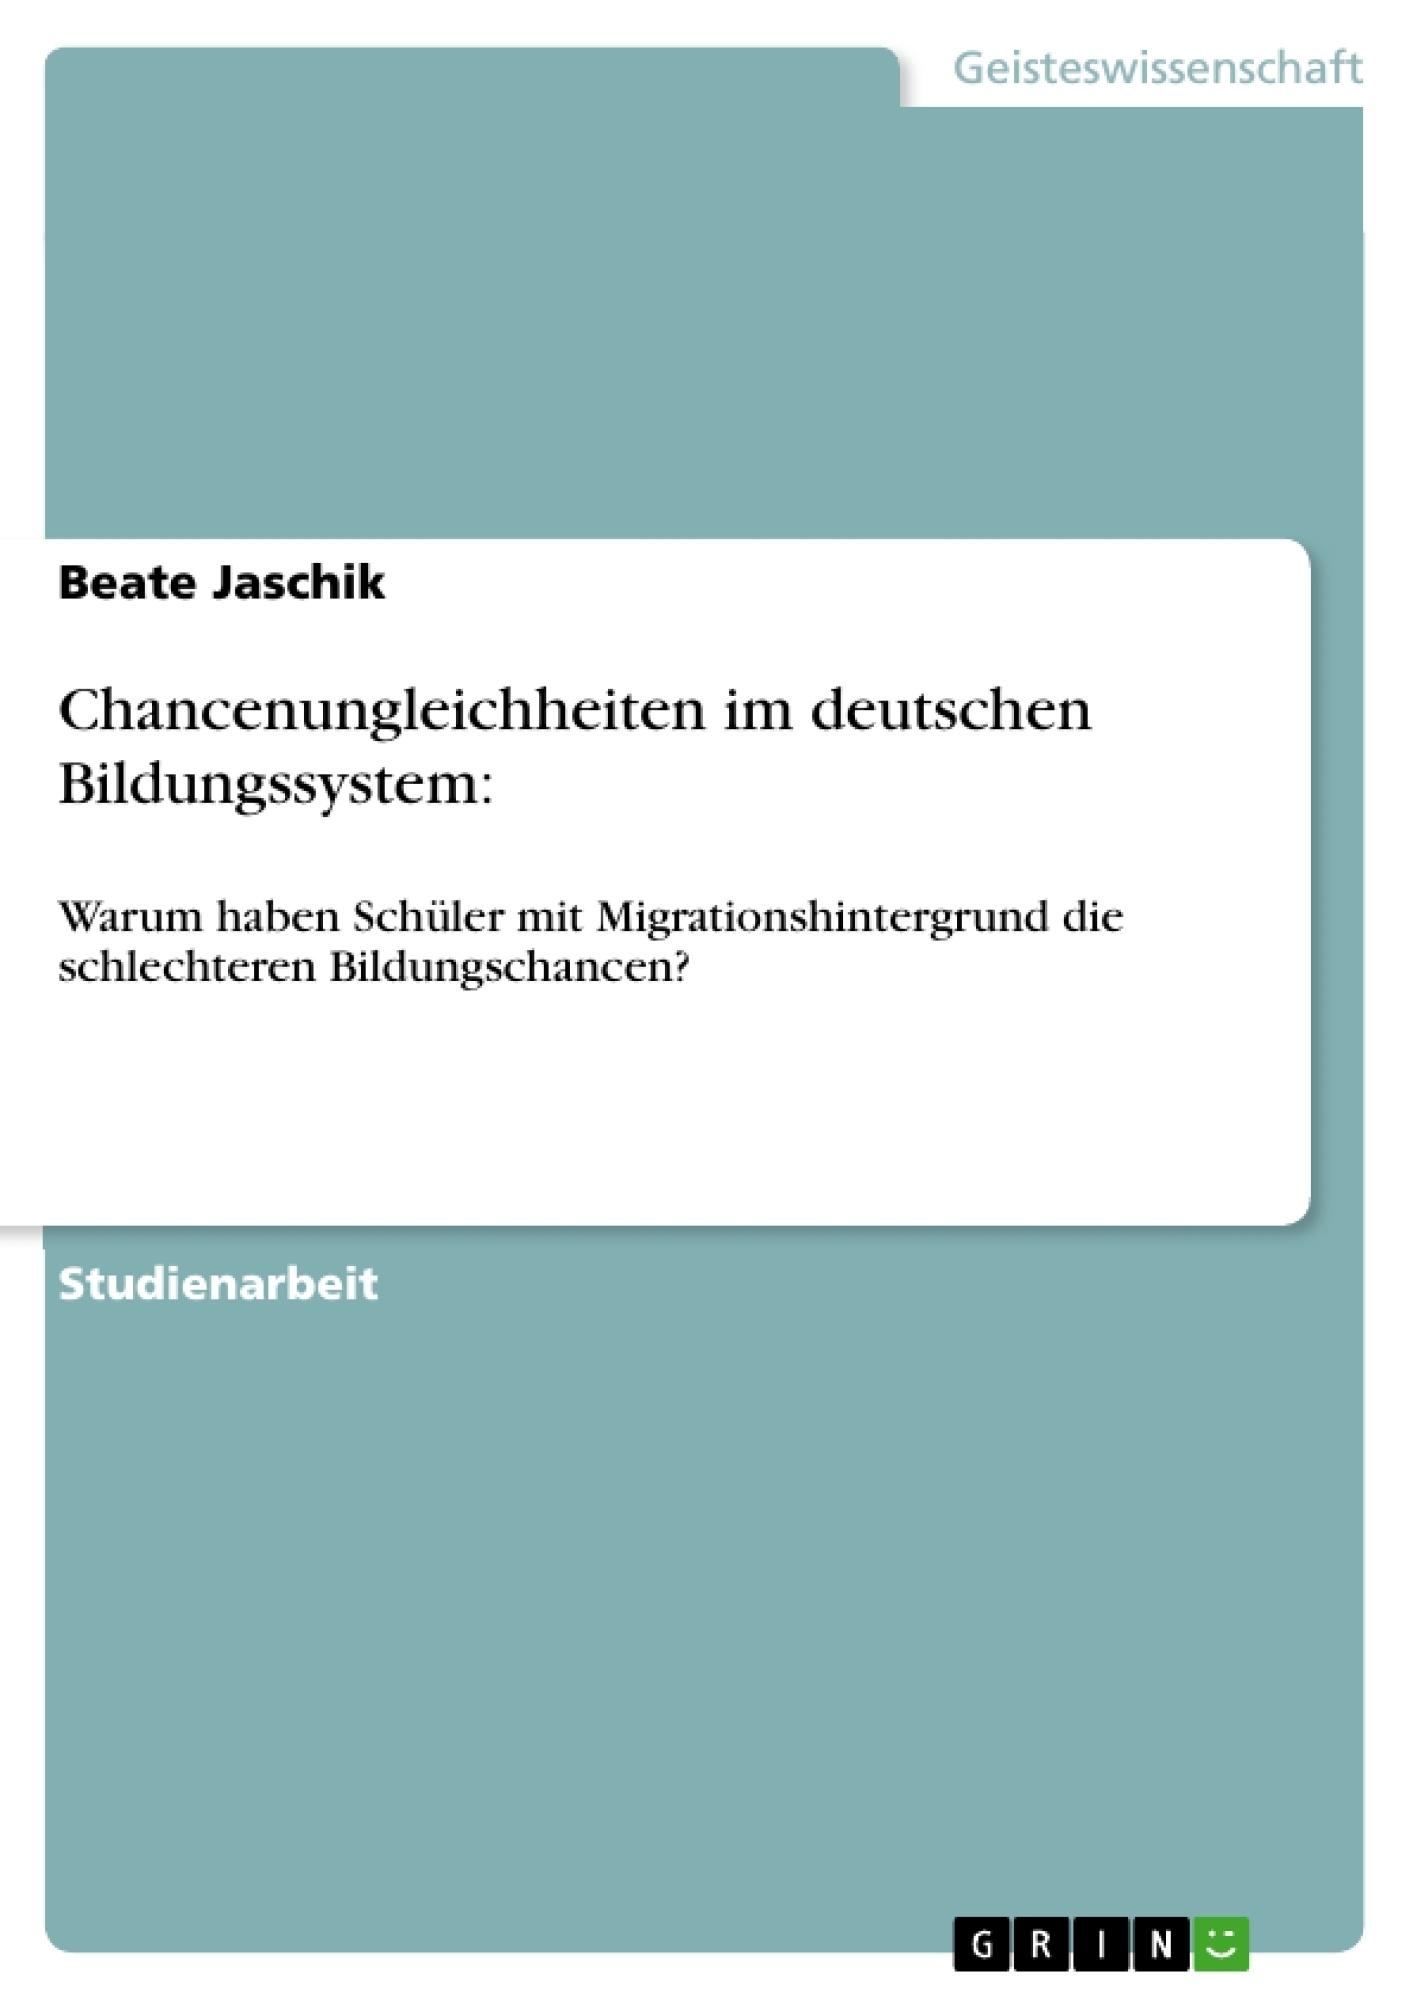 Titel: Chancenungleichheiten im deutschen Bildungssystem: